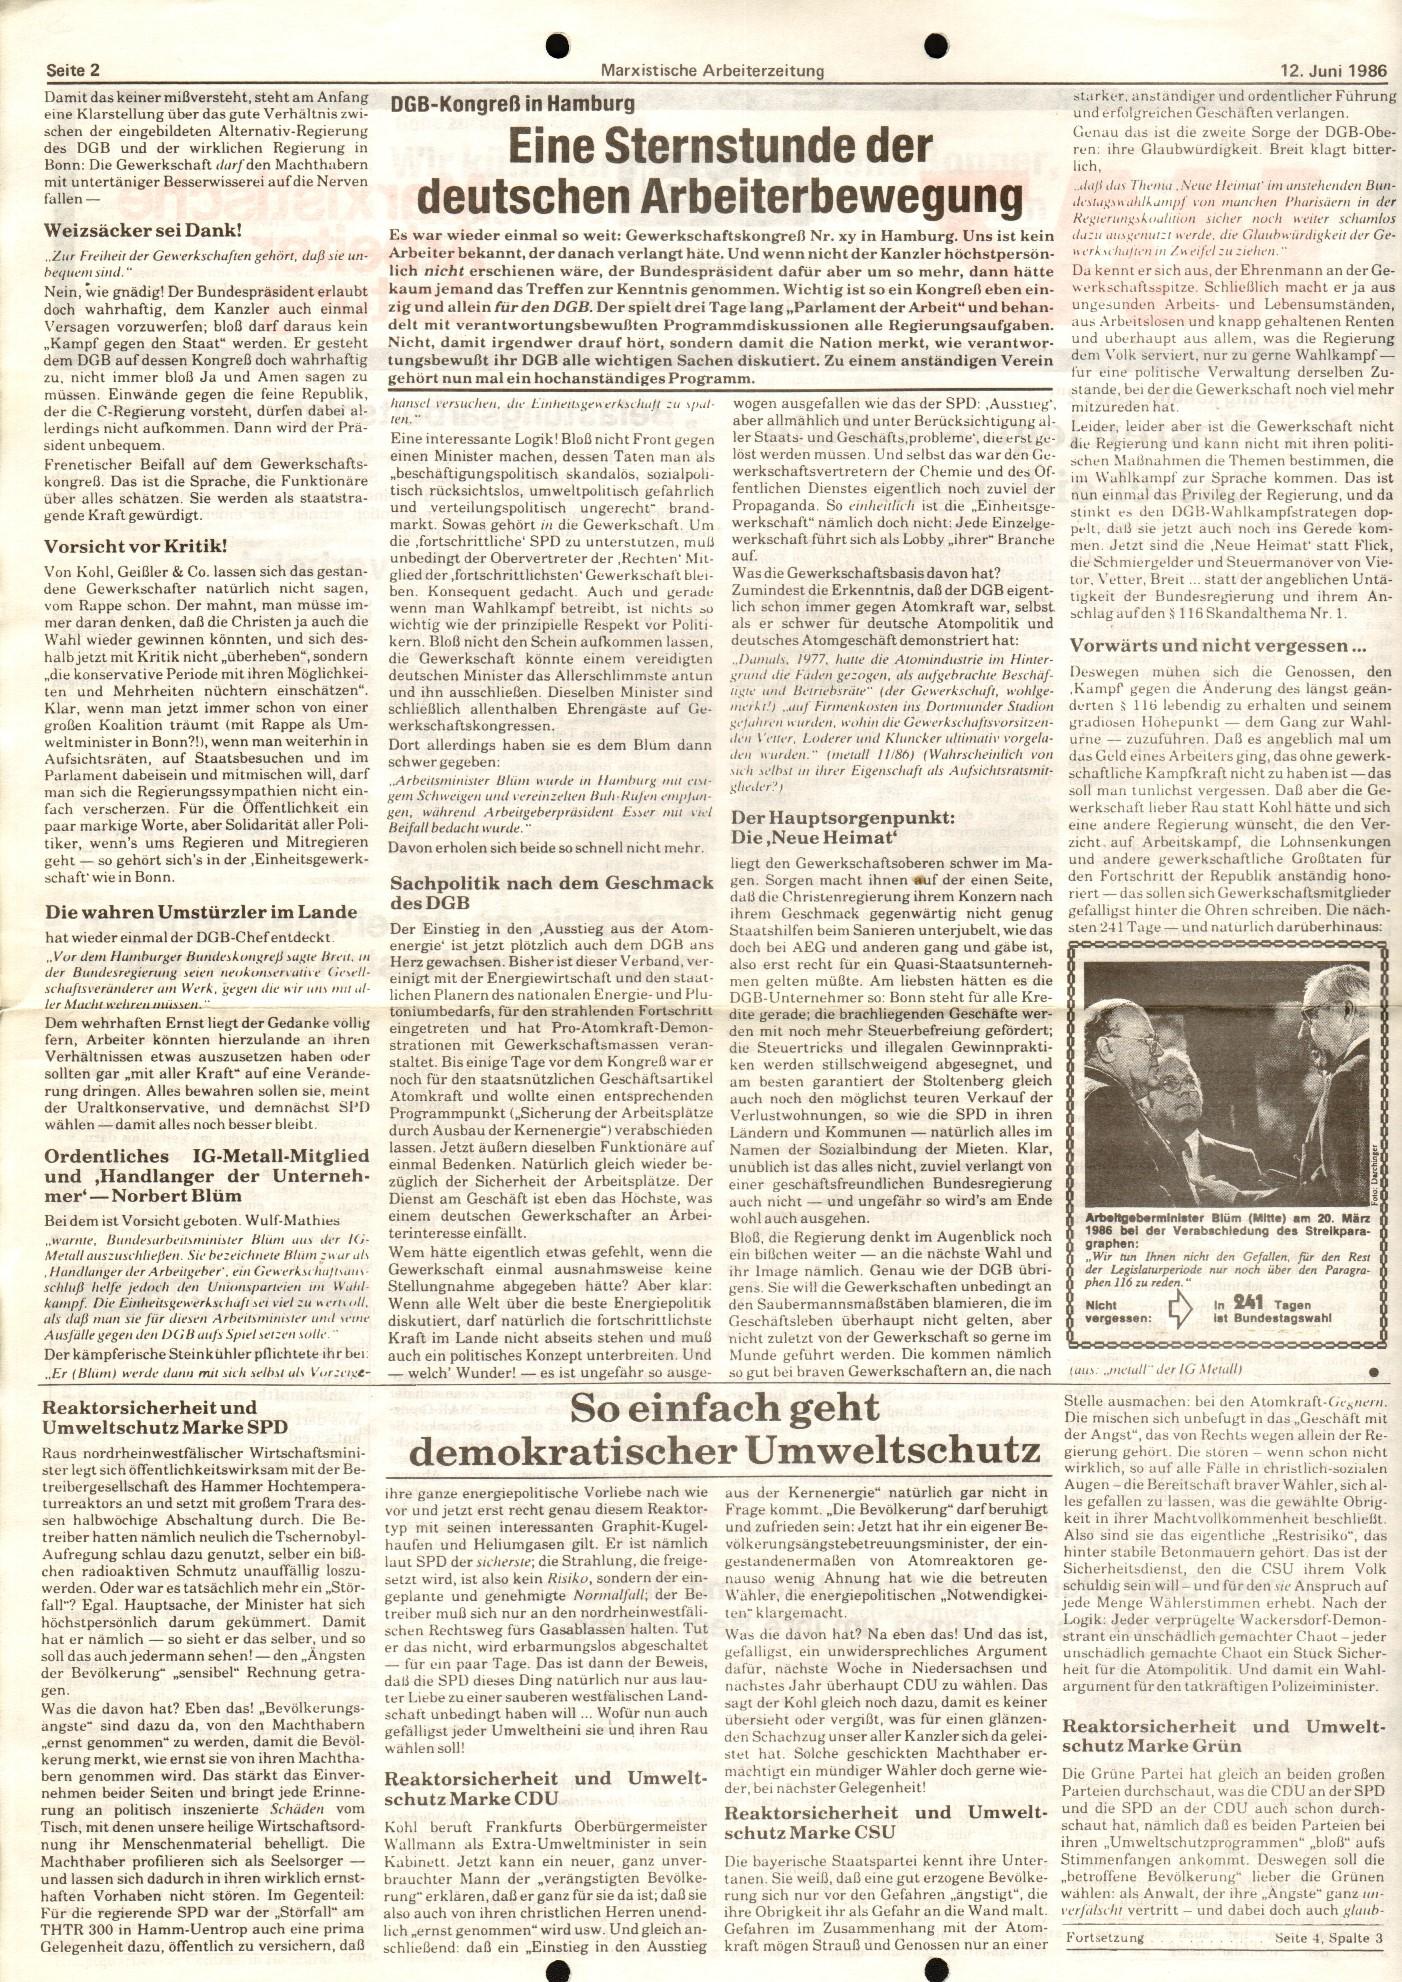 BW_MG_Marxistische_Arbeiterzeitung_19860612_02